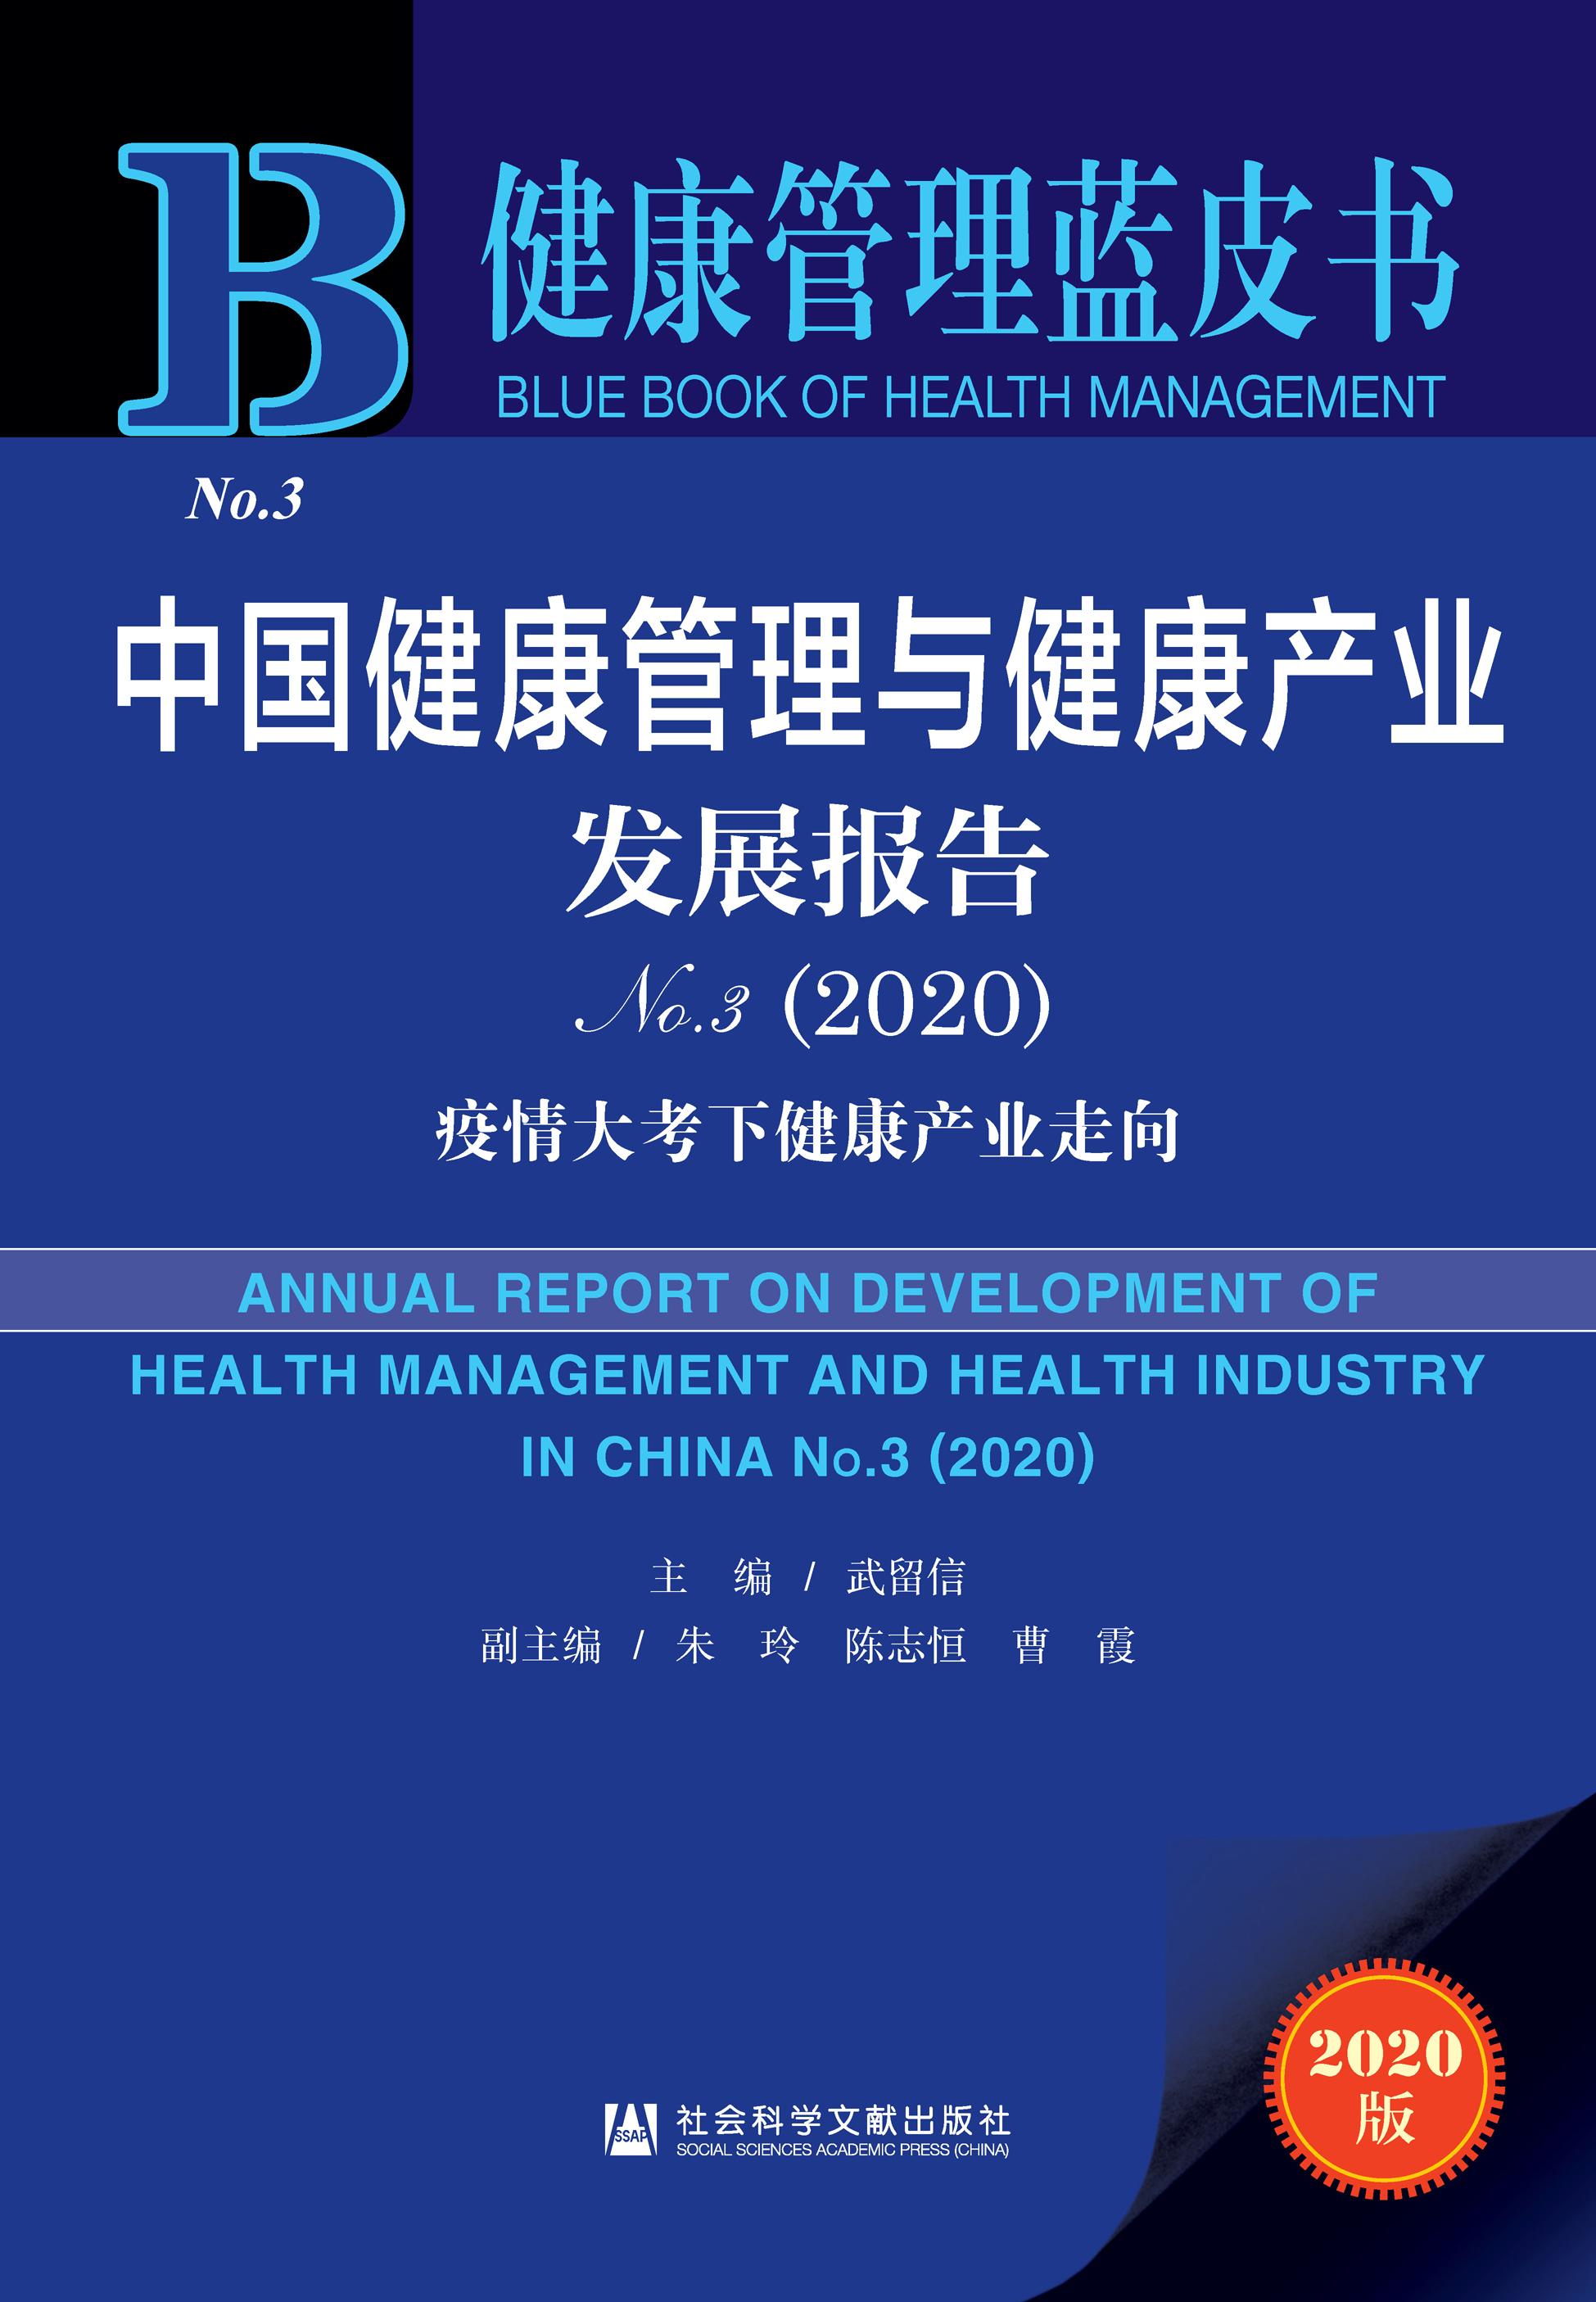 中国健康管理与健康产业发展报告No.3(2020)